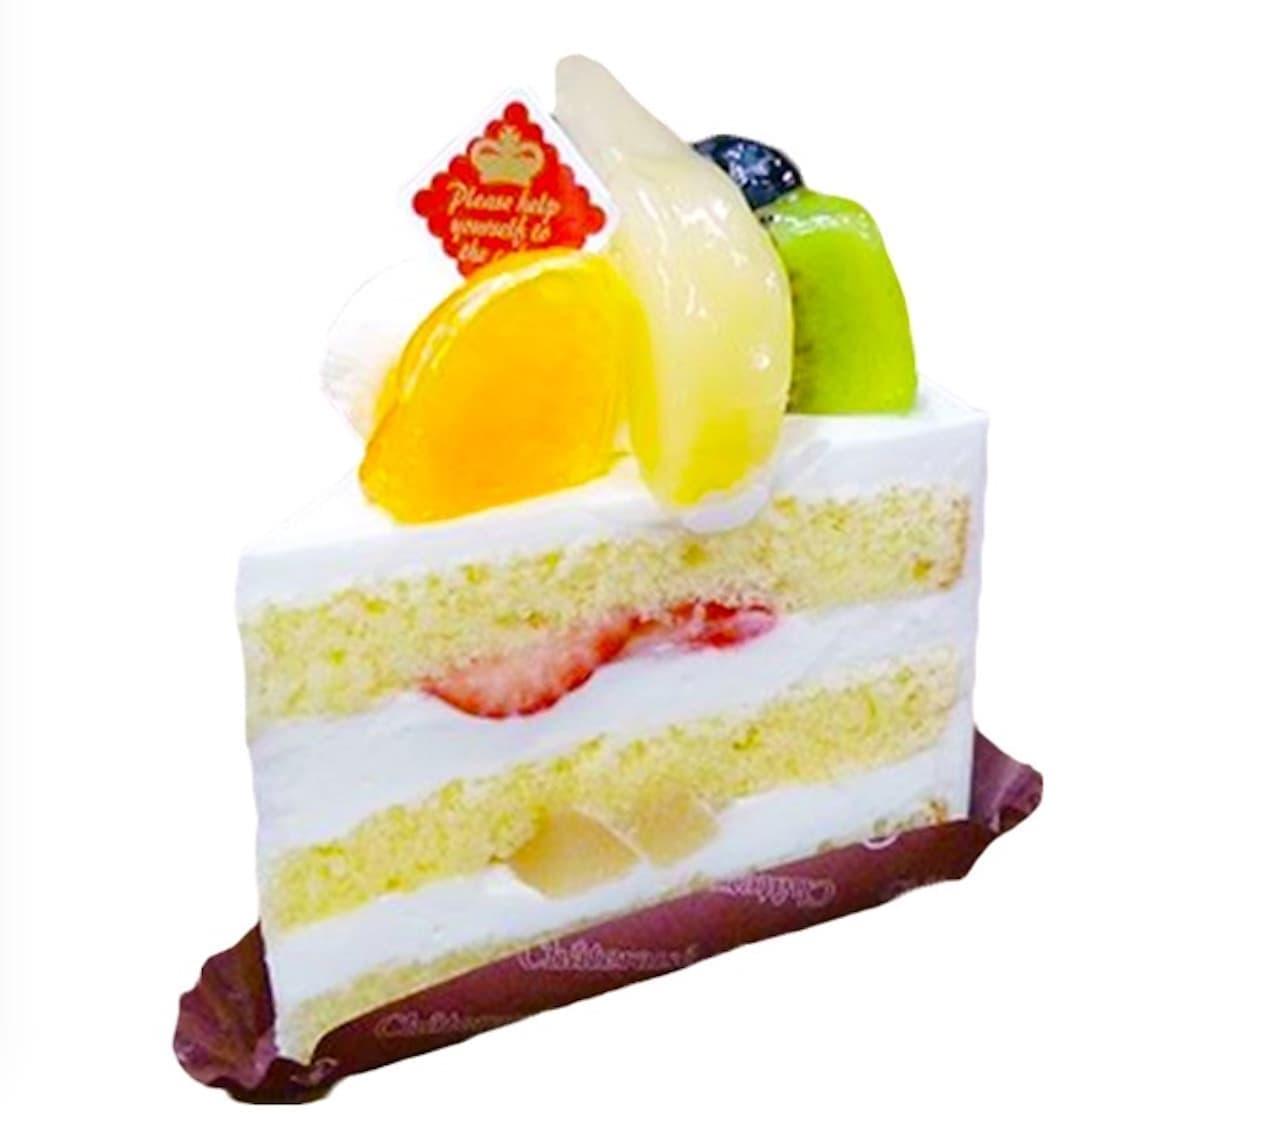 シャトレーゼ「洋梨とフルーツのプレミアム純生クリームショートケーキ」